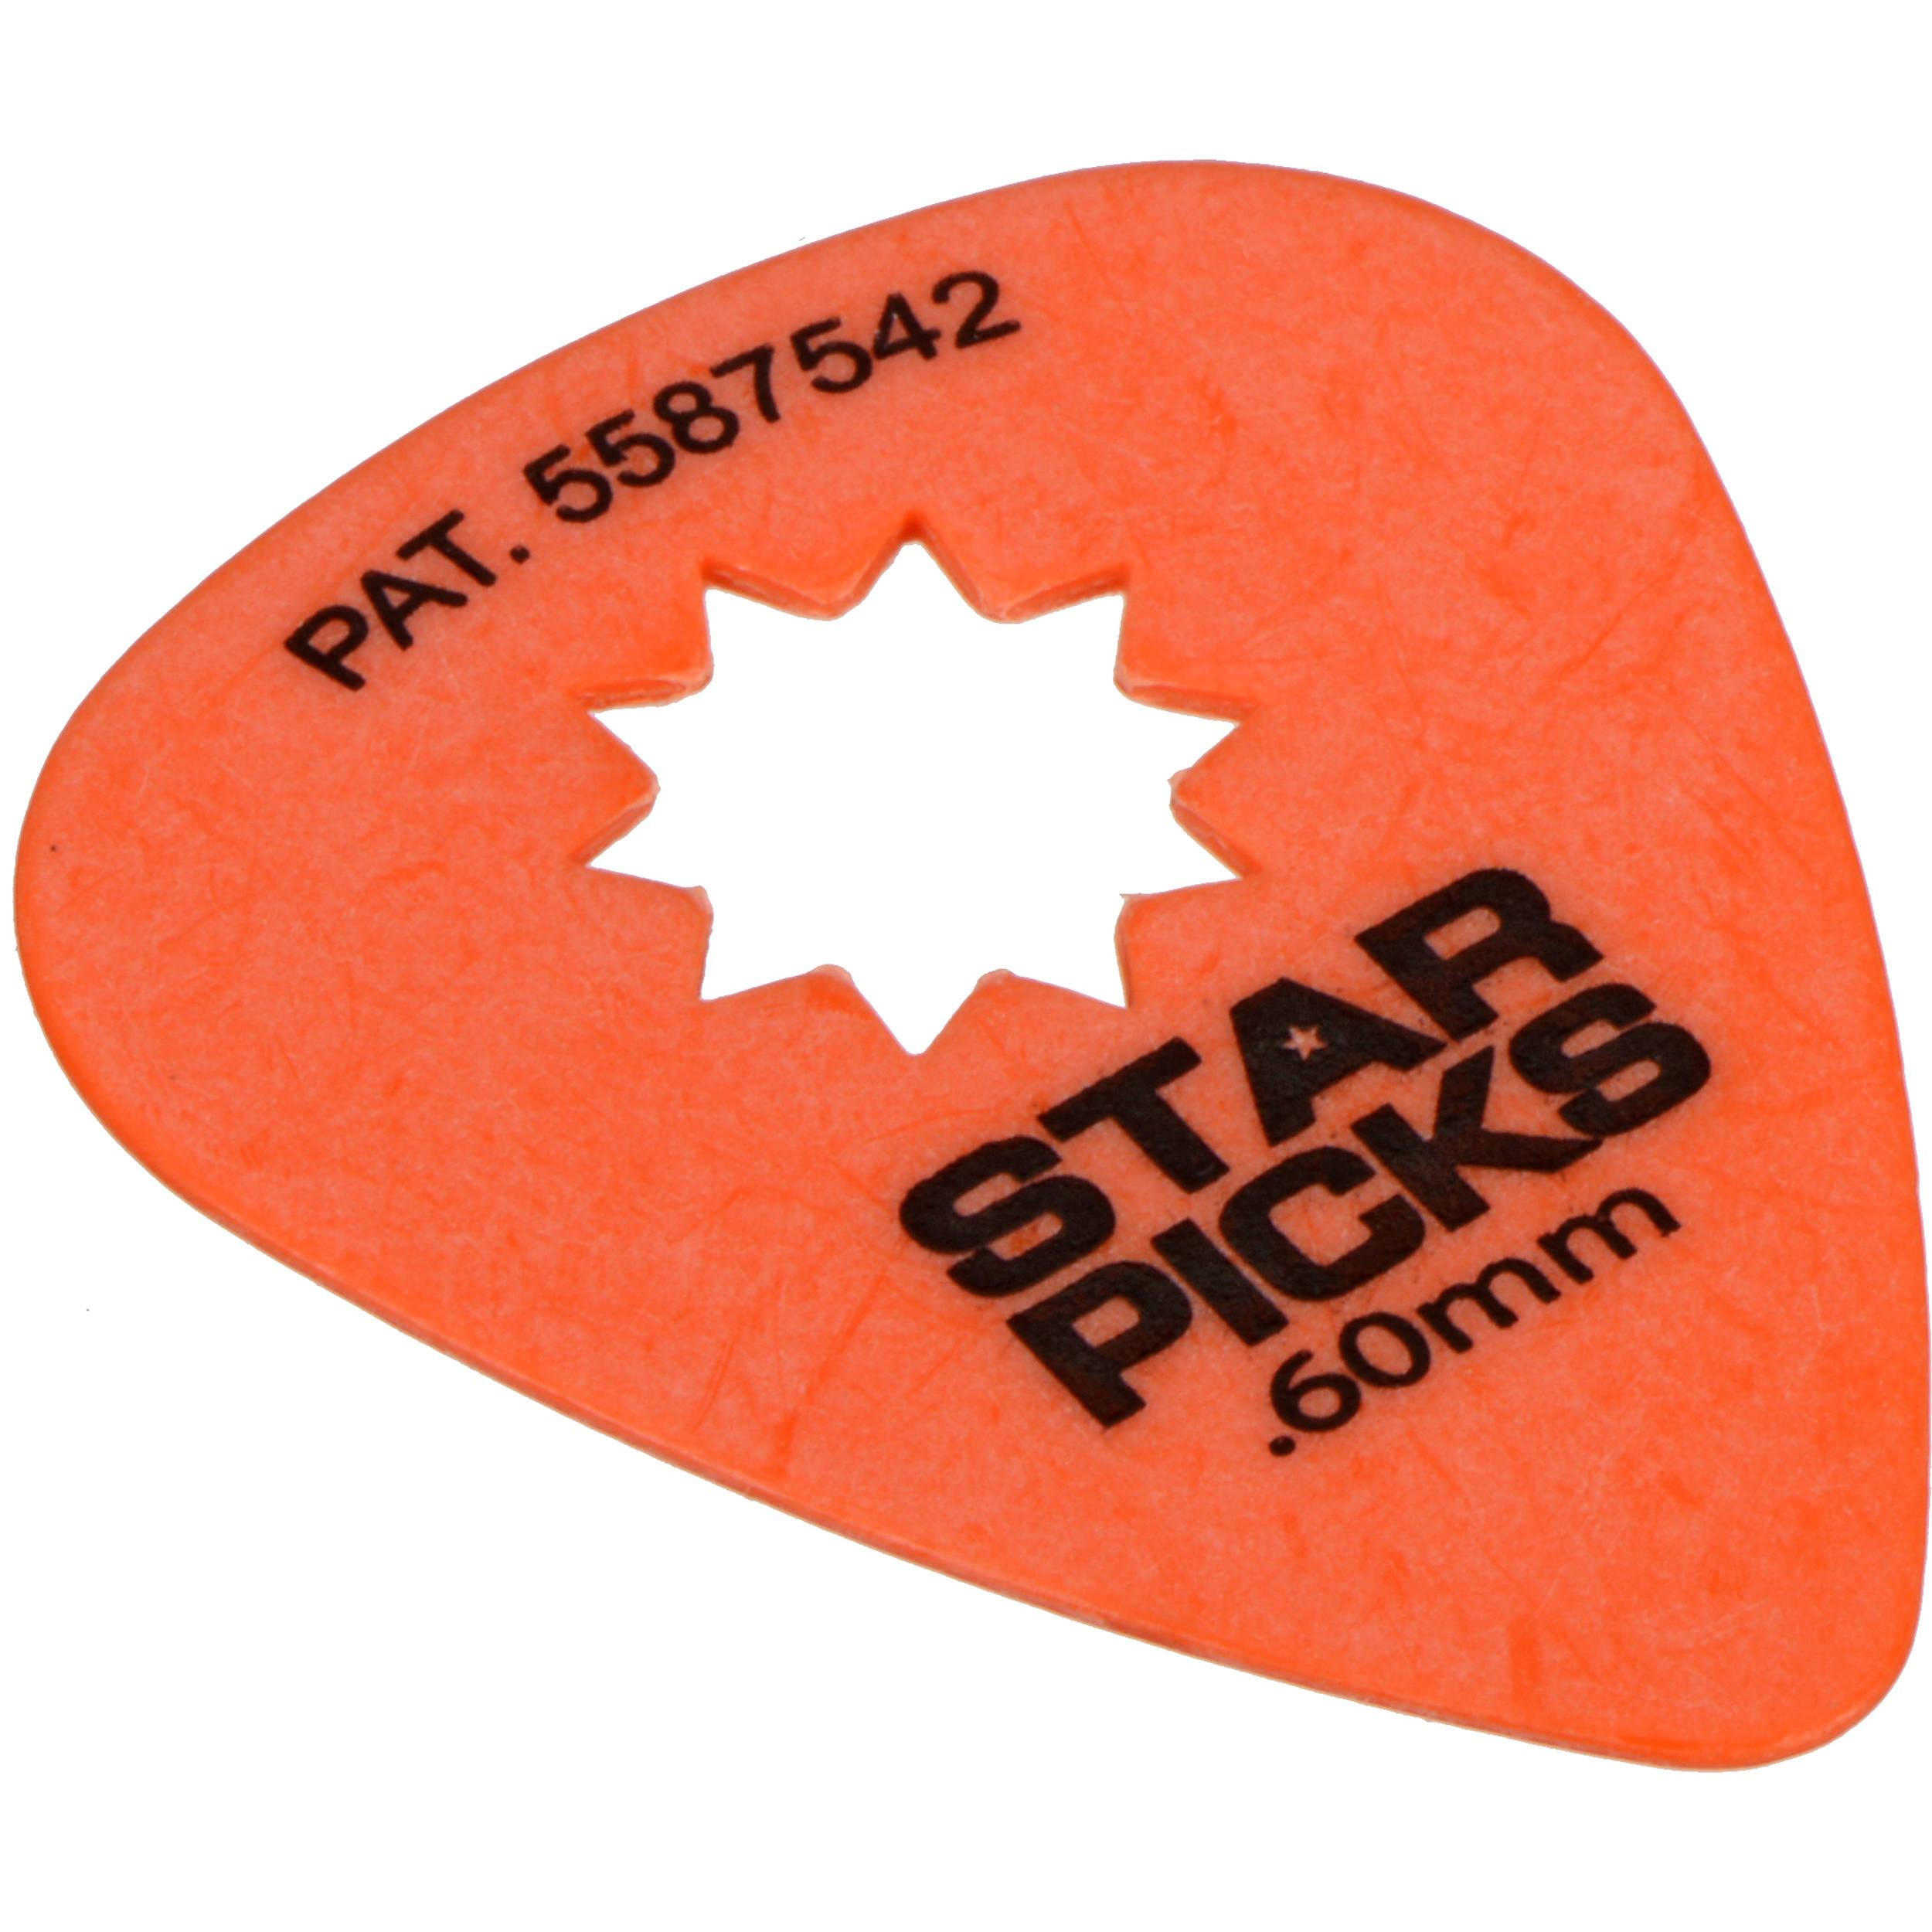 everly star pick 12 pack of guitar picks 60mm orange 30022. Black Bedroom Furniture Sets. Home Design Ideas